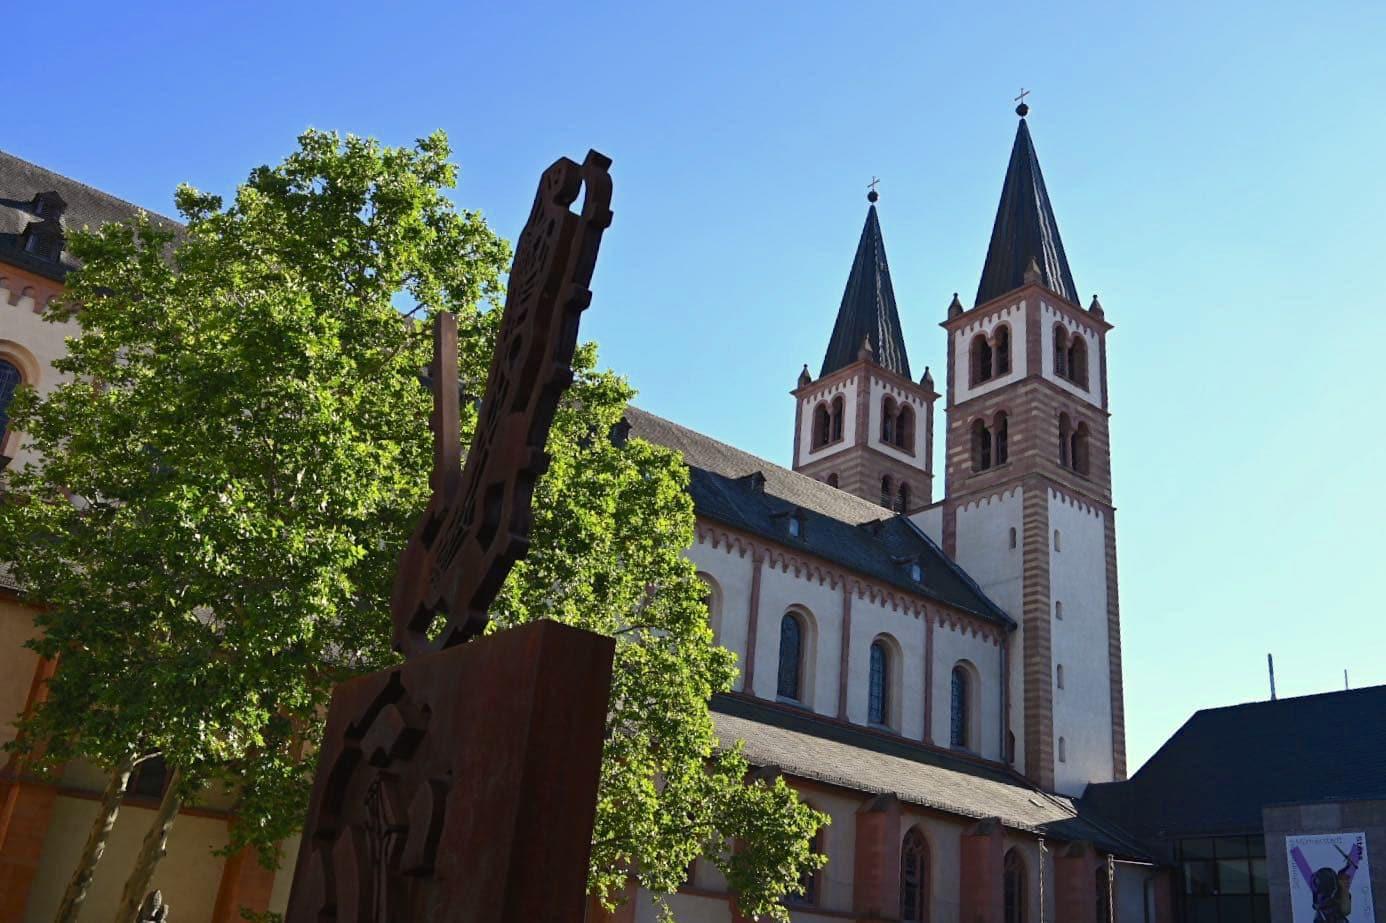 wuerzburg sehenswuerdigkeiten tipps 11 - Würzburg: Sehenswürdigkeiten und Tipps